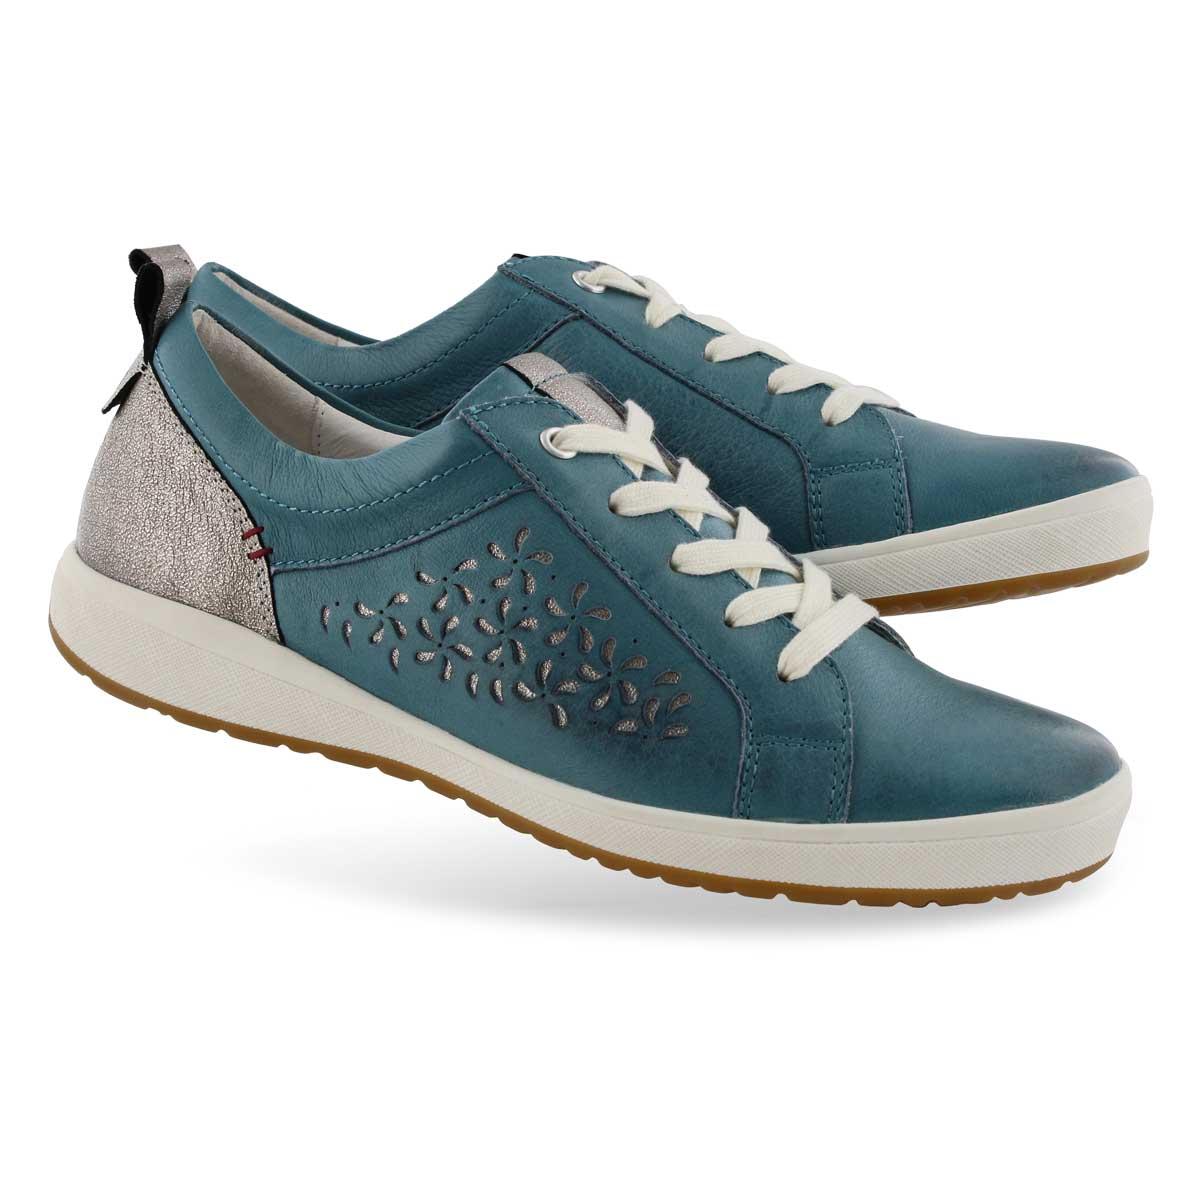 Lds Caren 06 blue lace up sneaker